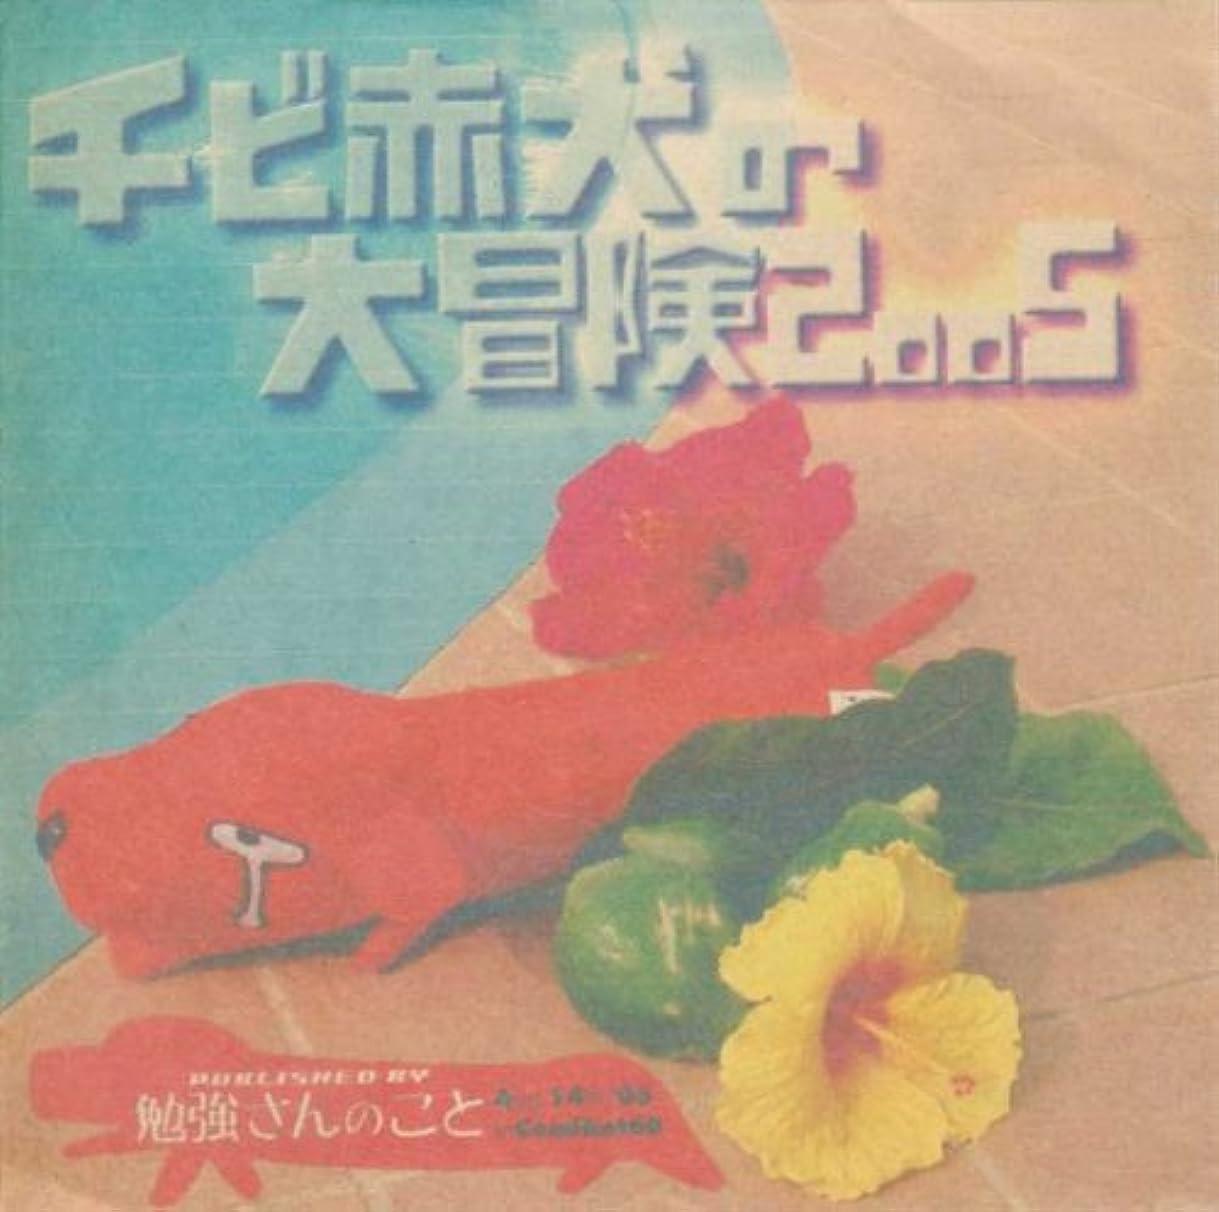 酸化物覚醒信者チビ赤犬の冒険2005